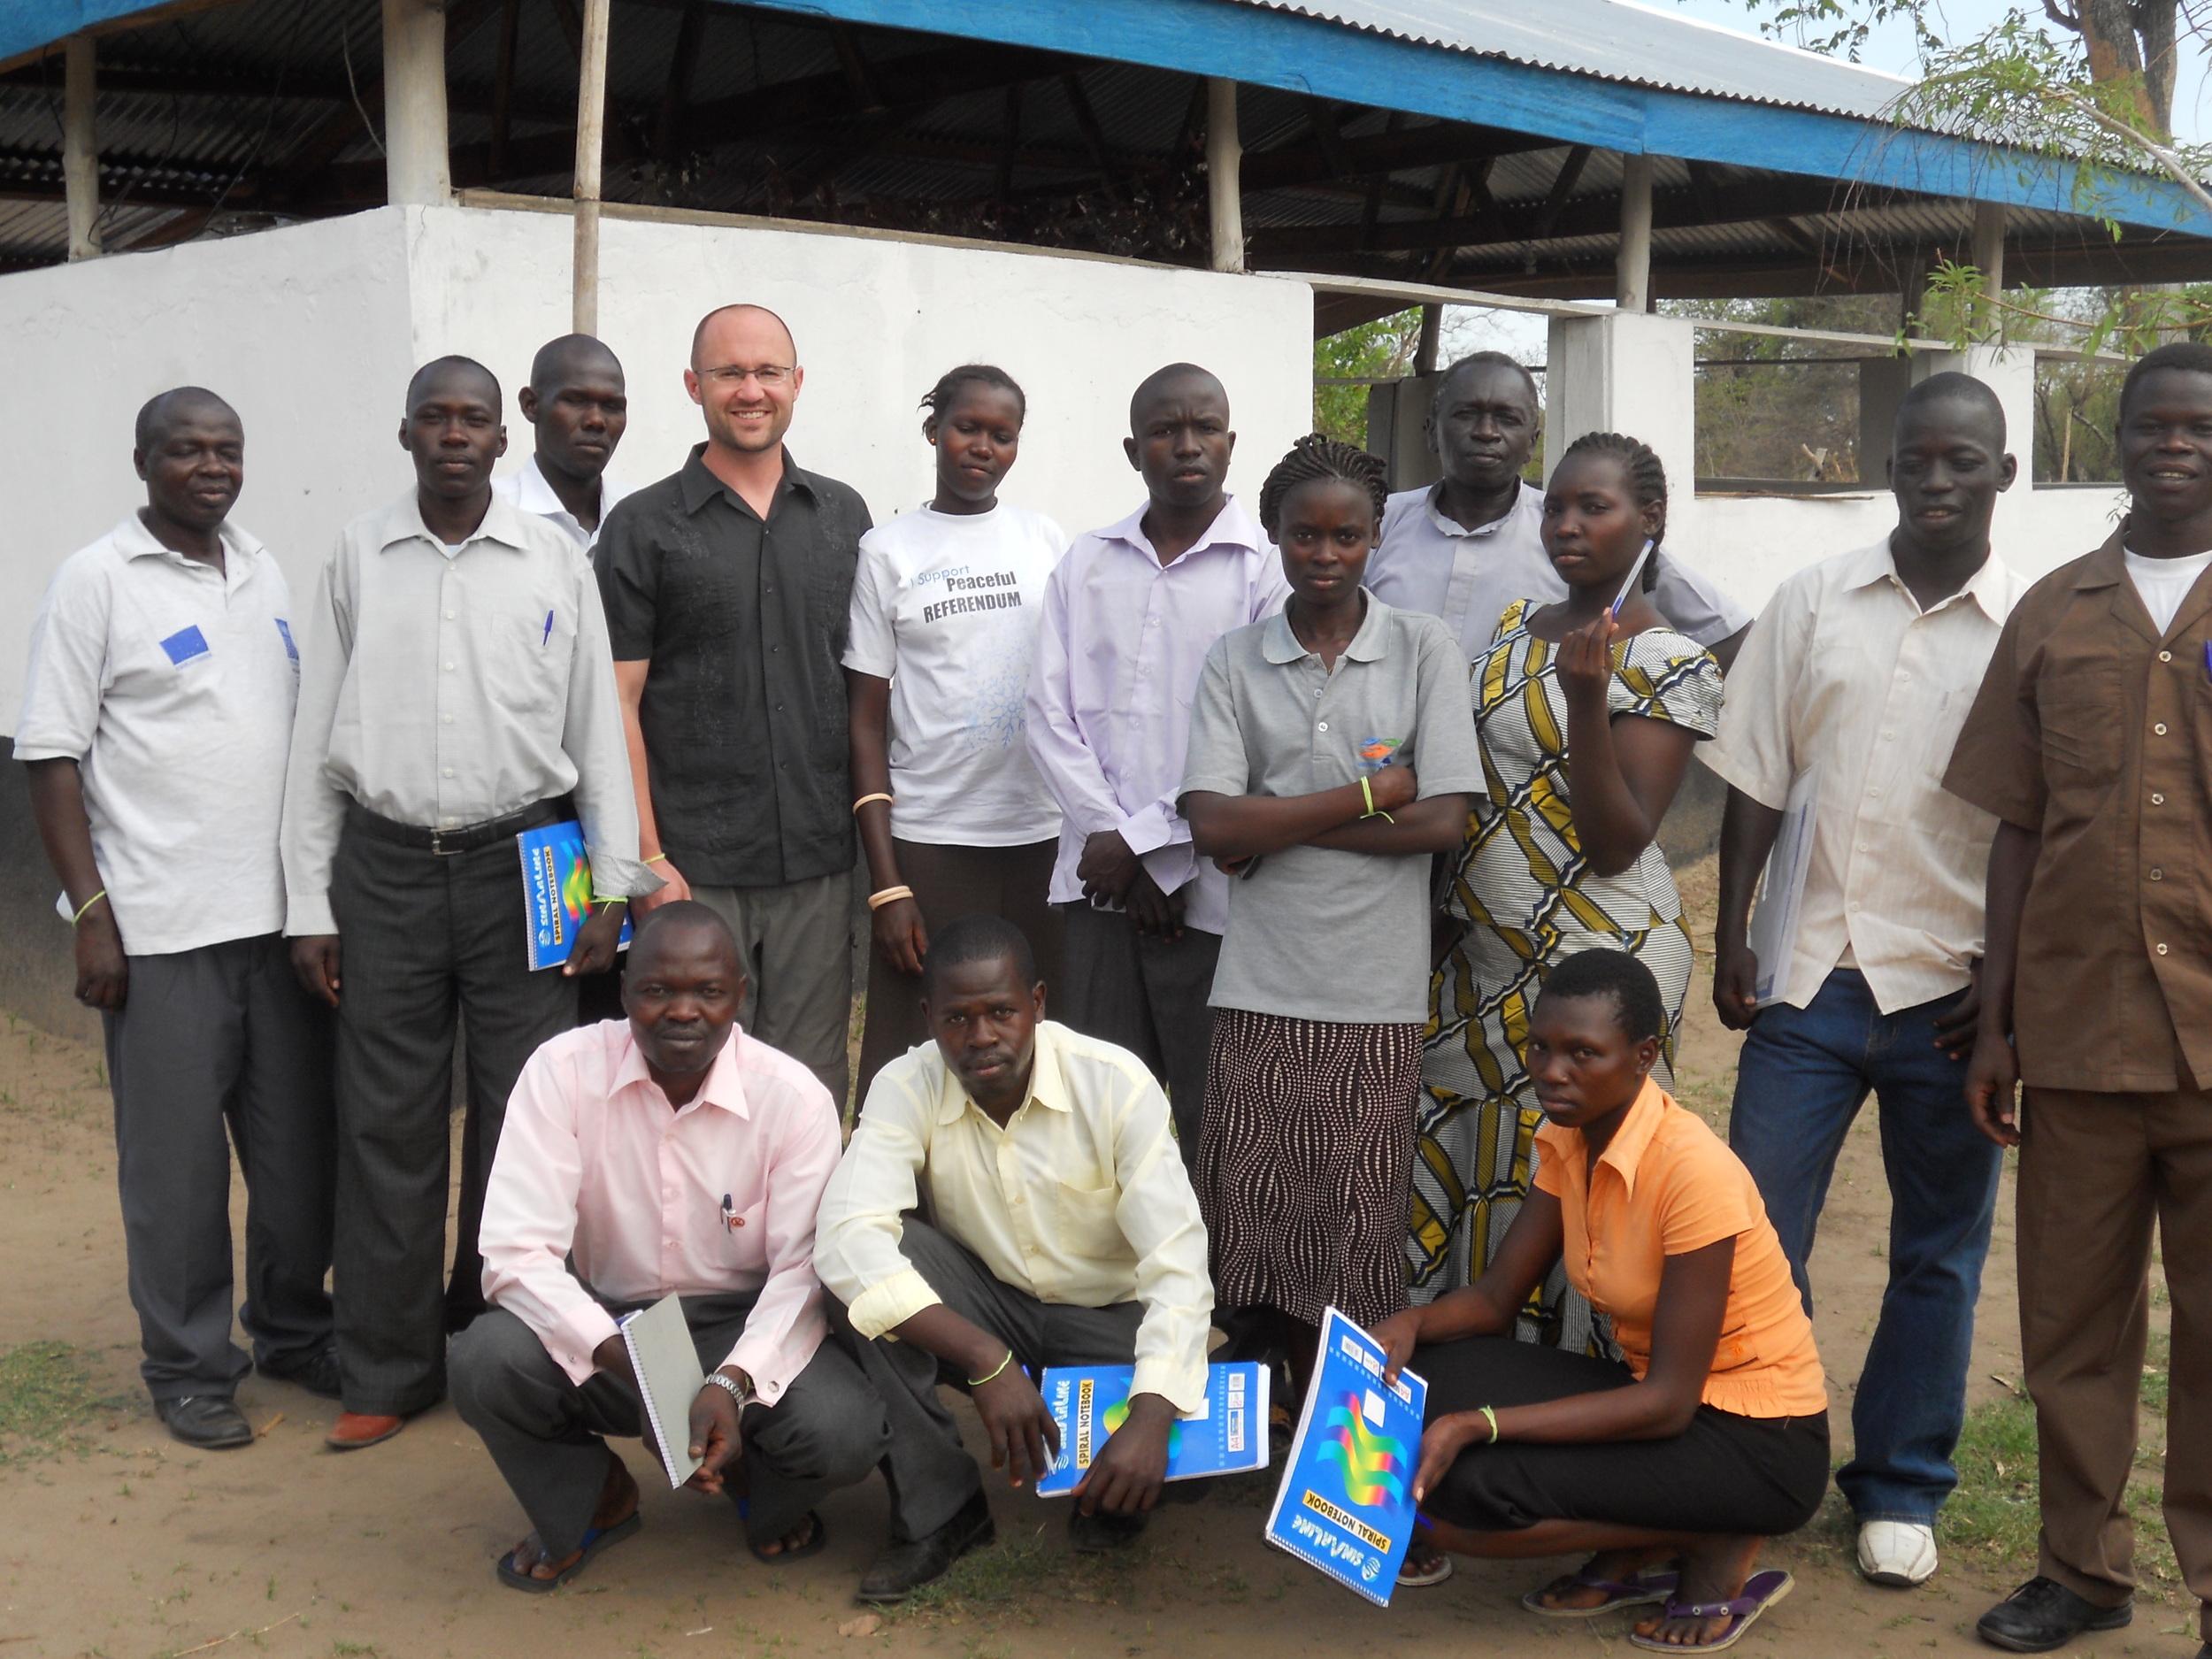 Robert treinando civis para trabalhar com manutenção pela paz não armada no Sudão do Sul (Foto: Arquivo Pessoal)